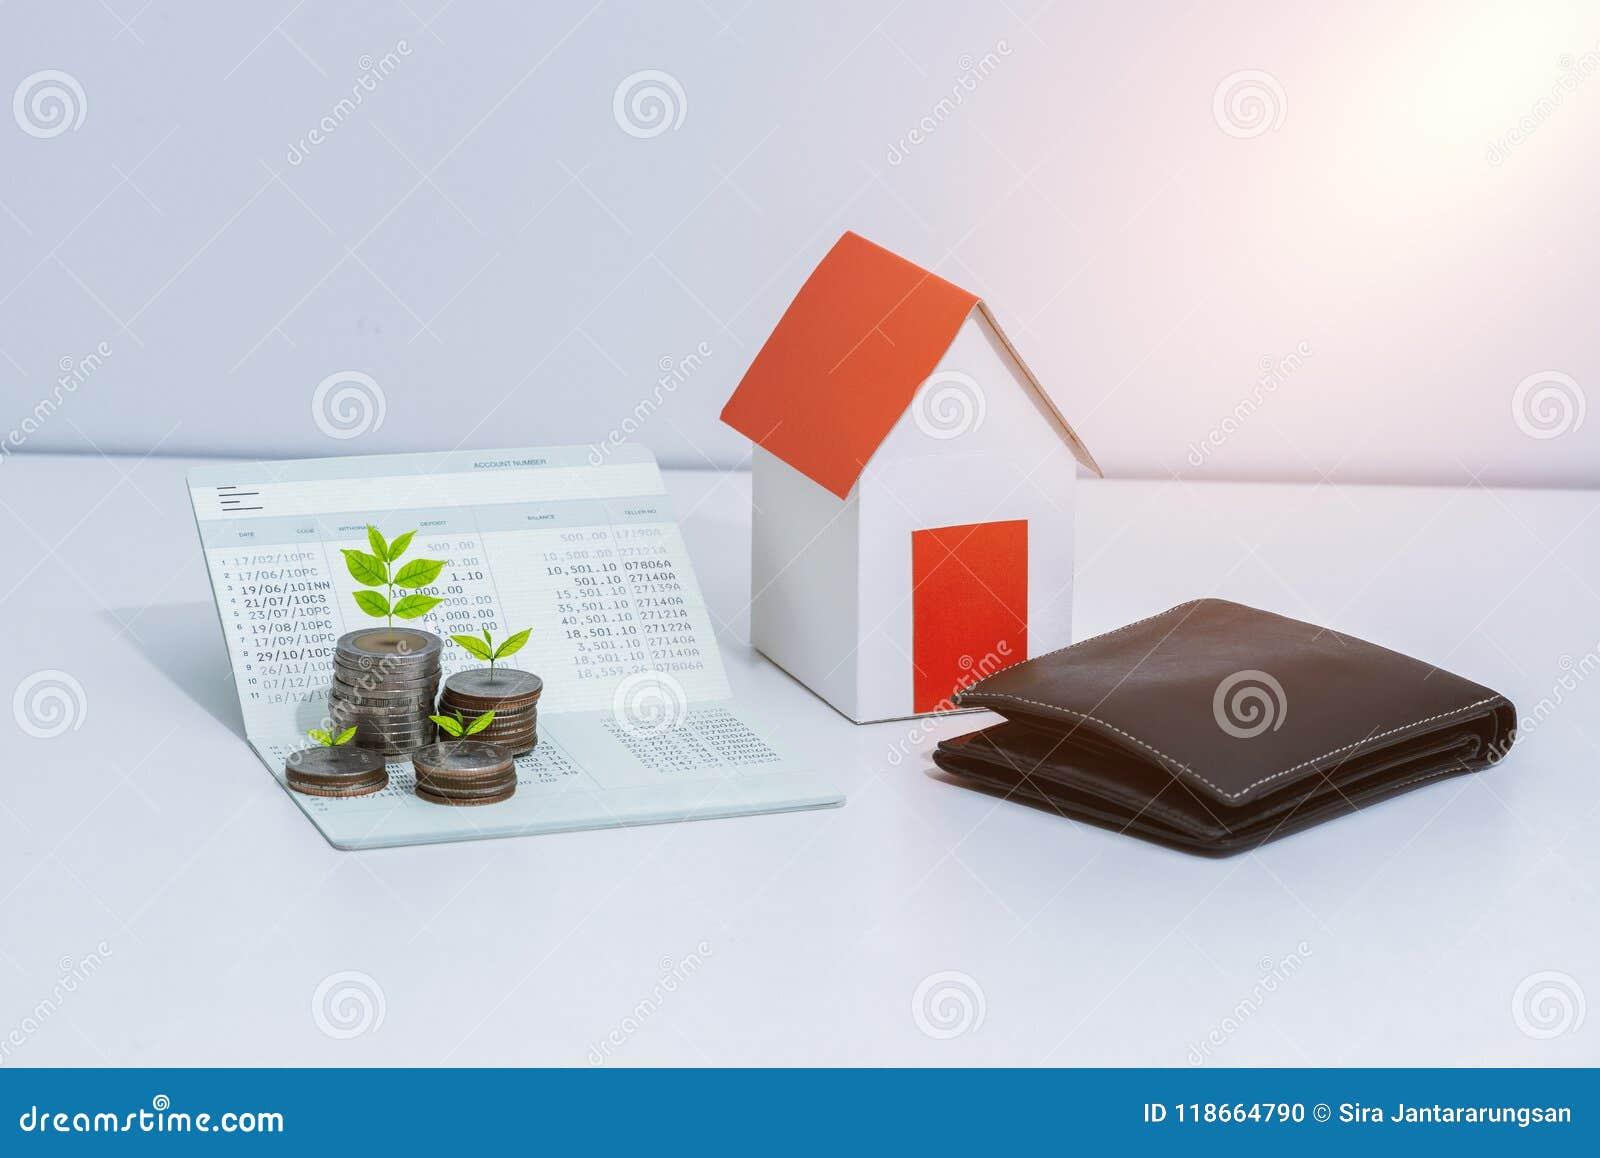 carnet bancaire d'économie ou relevé de compte financier, mode de